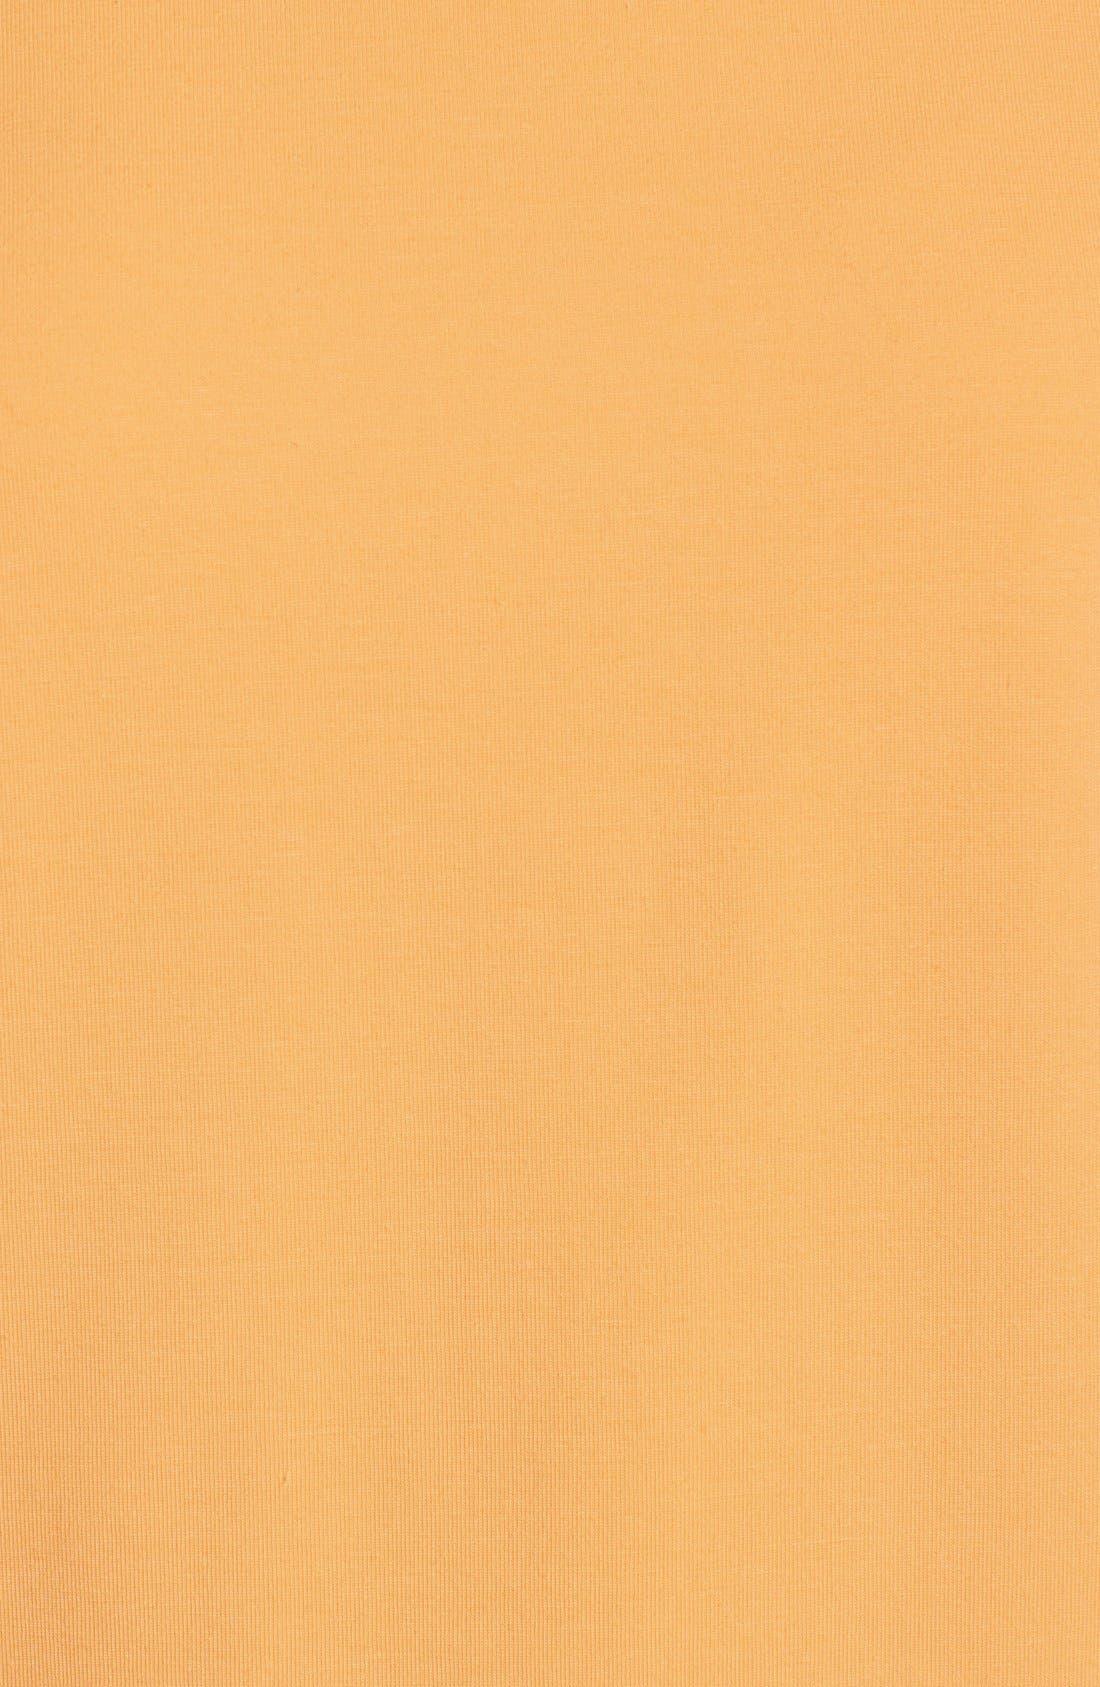 Three Quarter Sleeve Tee,                             Alternate thumbnail 25, color,